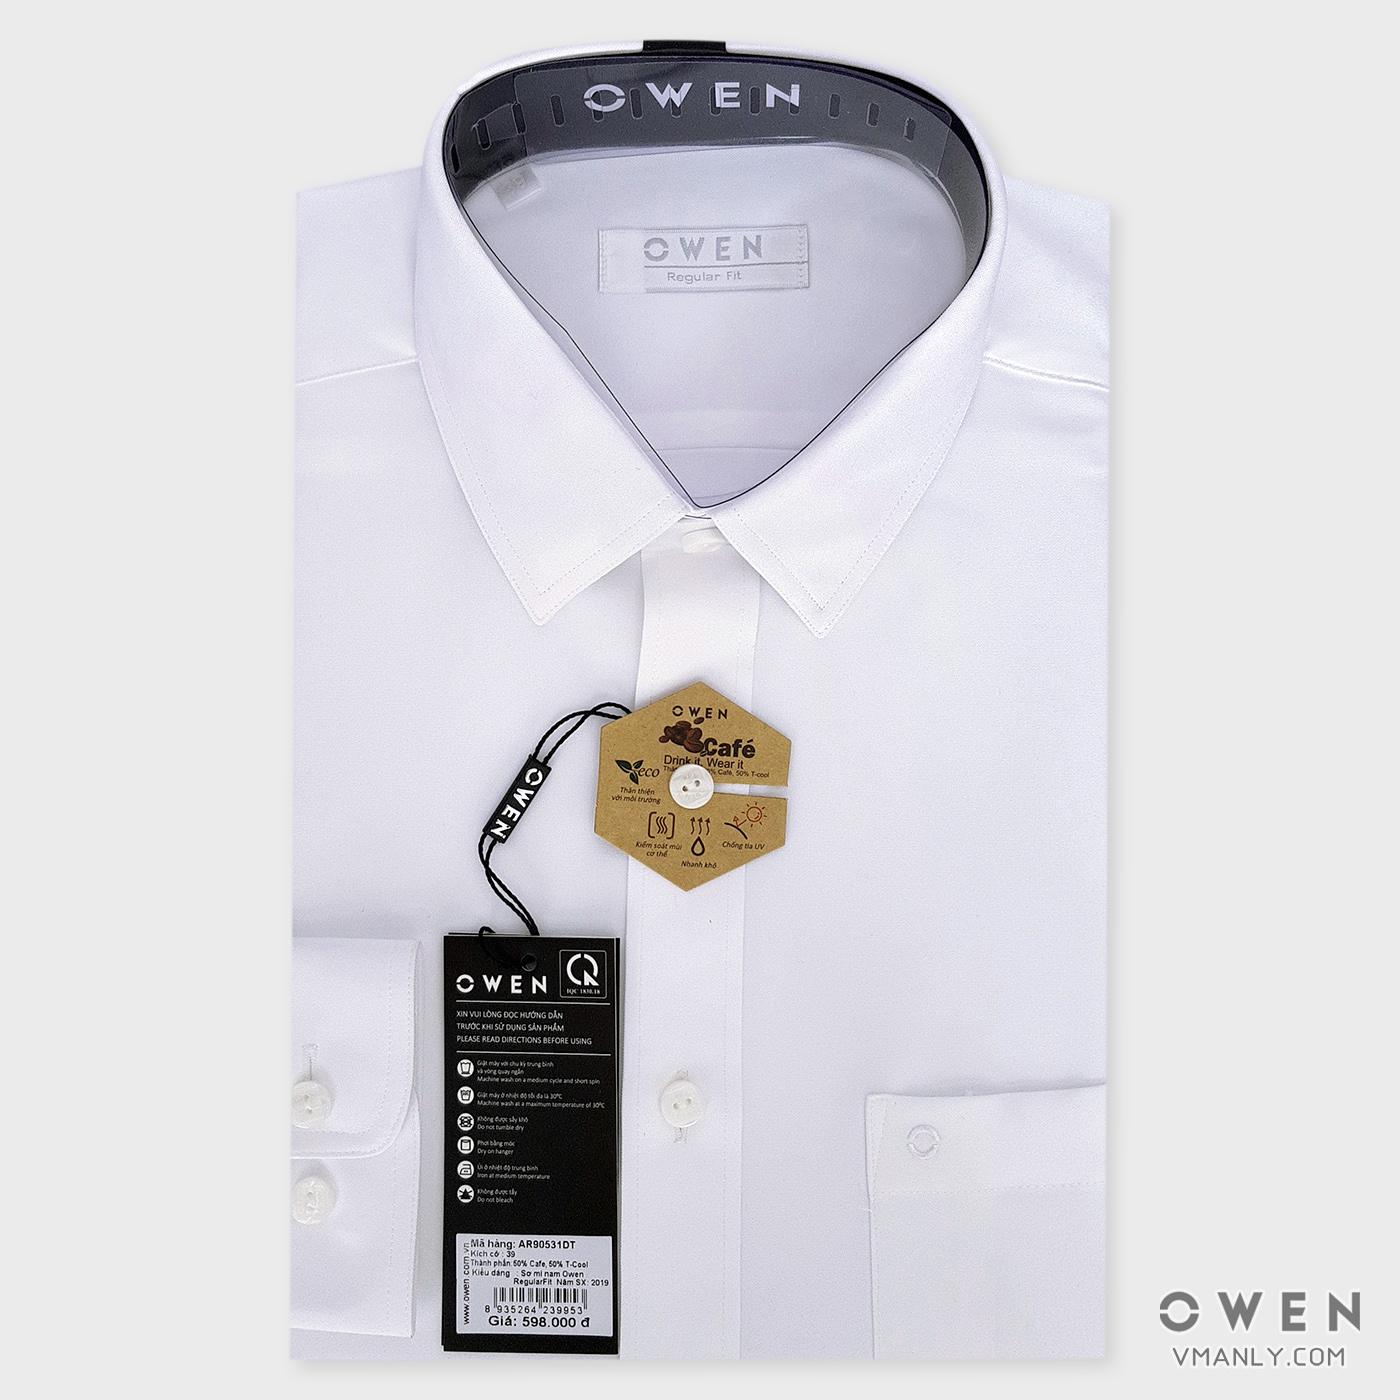 Áo sơ mi nam dài tay Owen màu trắng AR90531DT